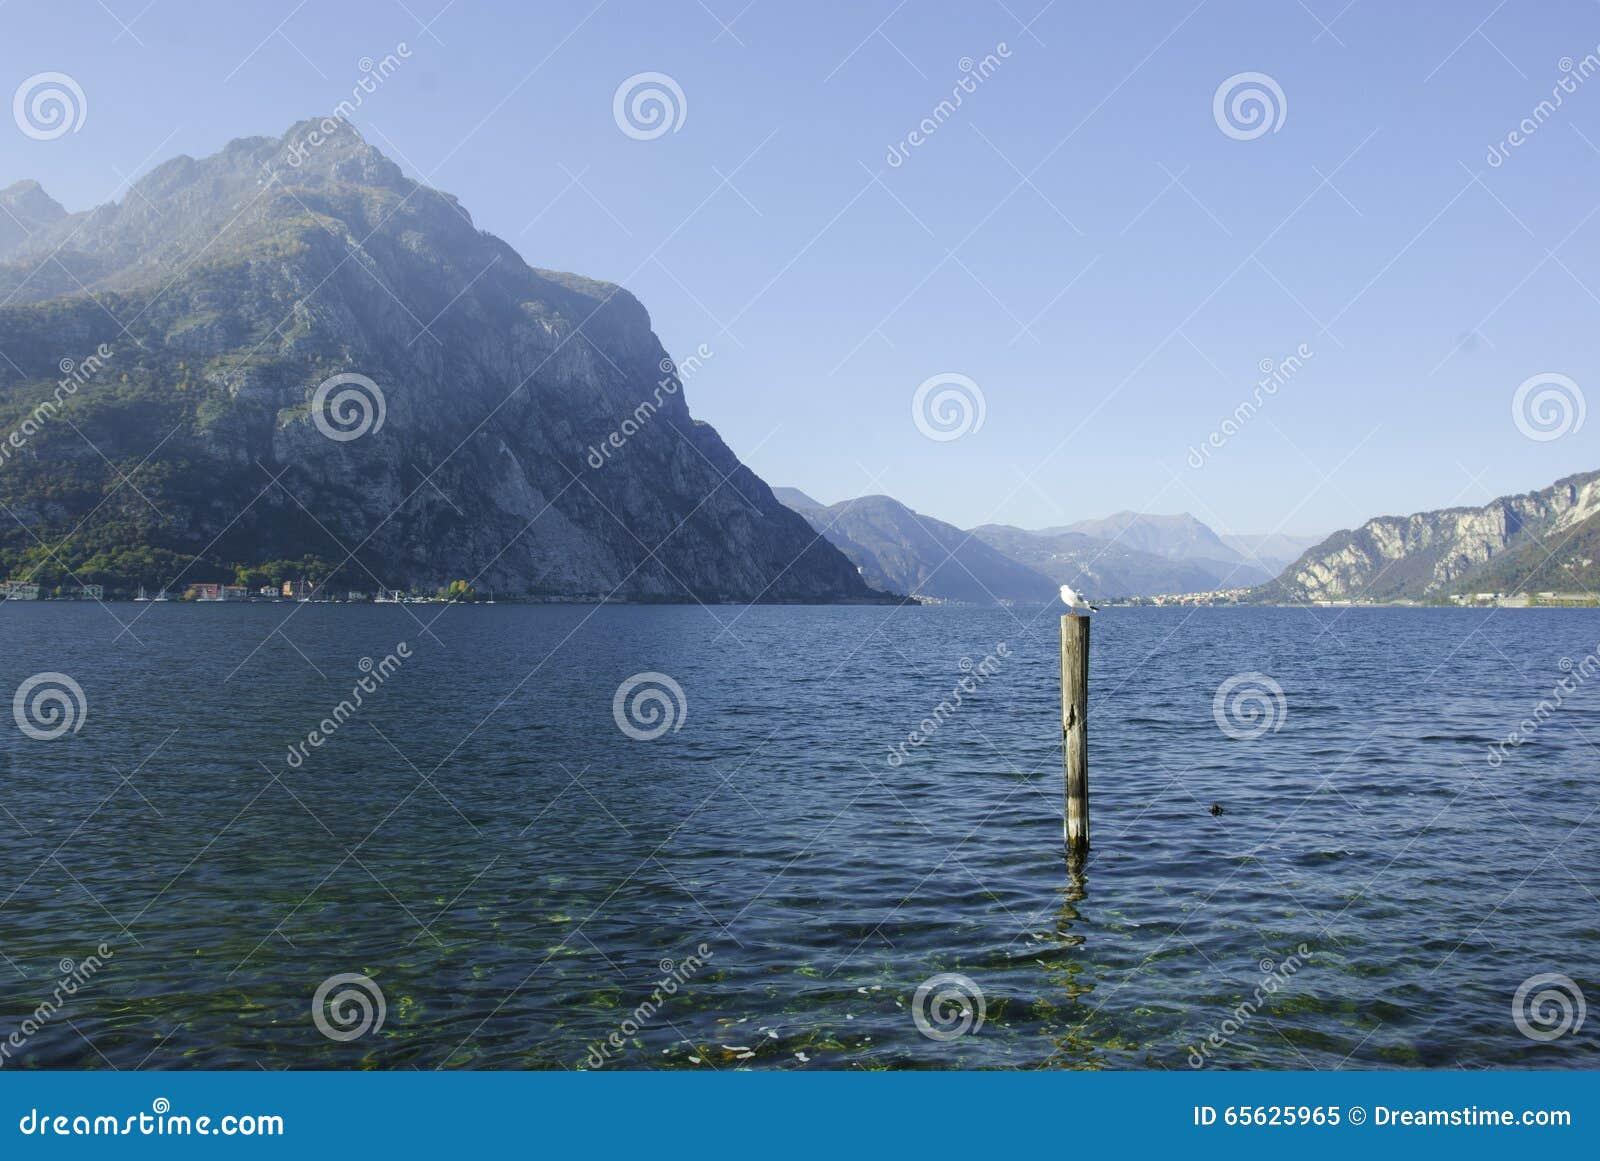 Lac Lecco